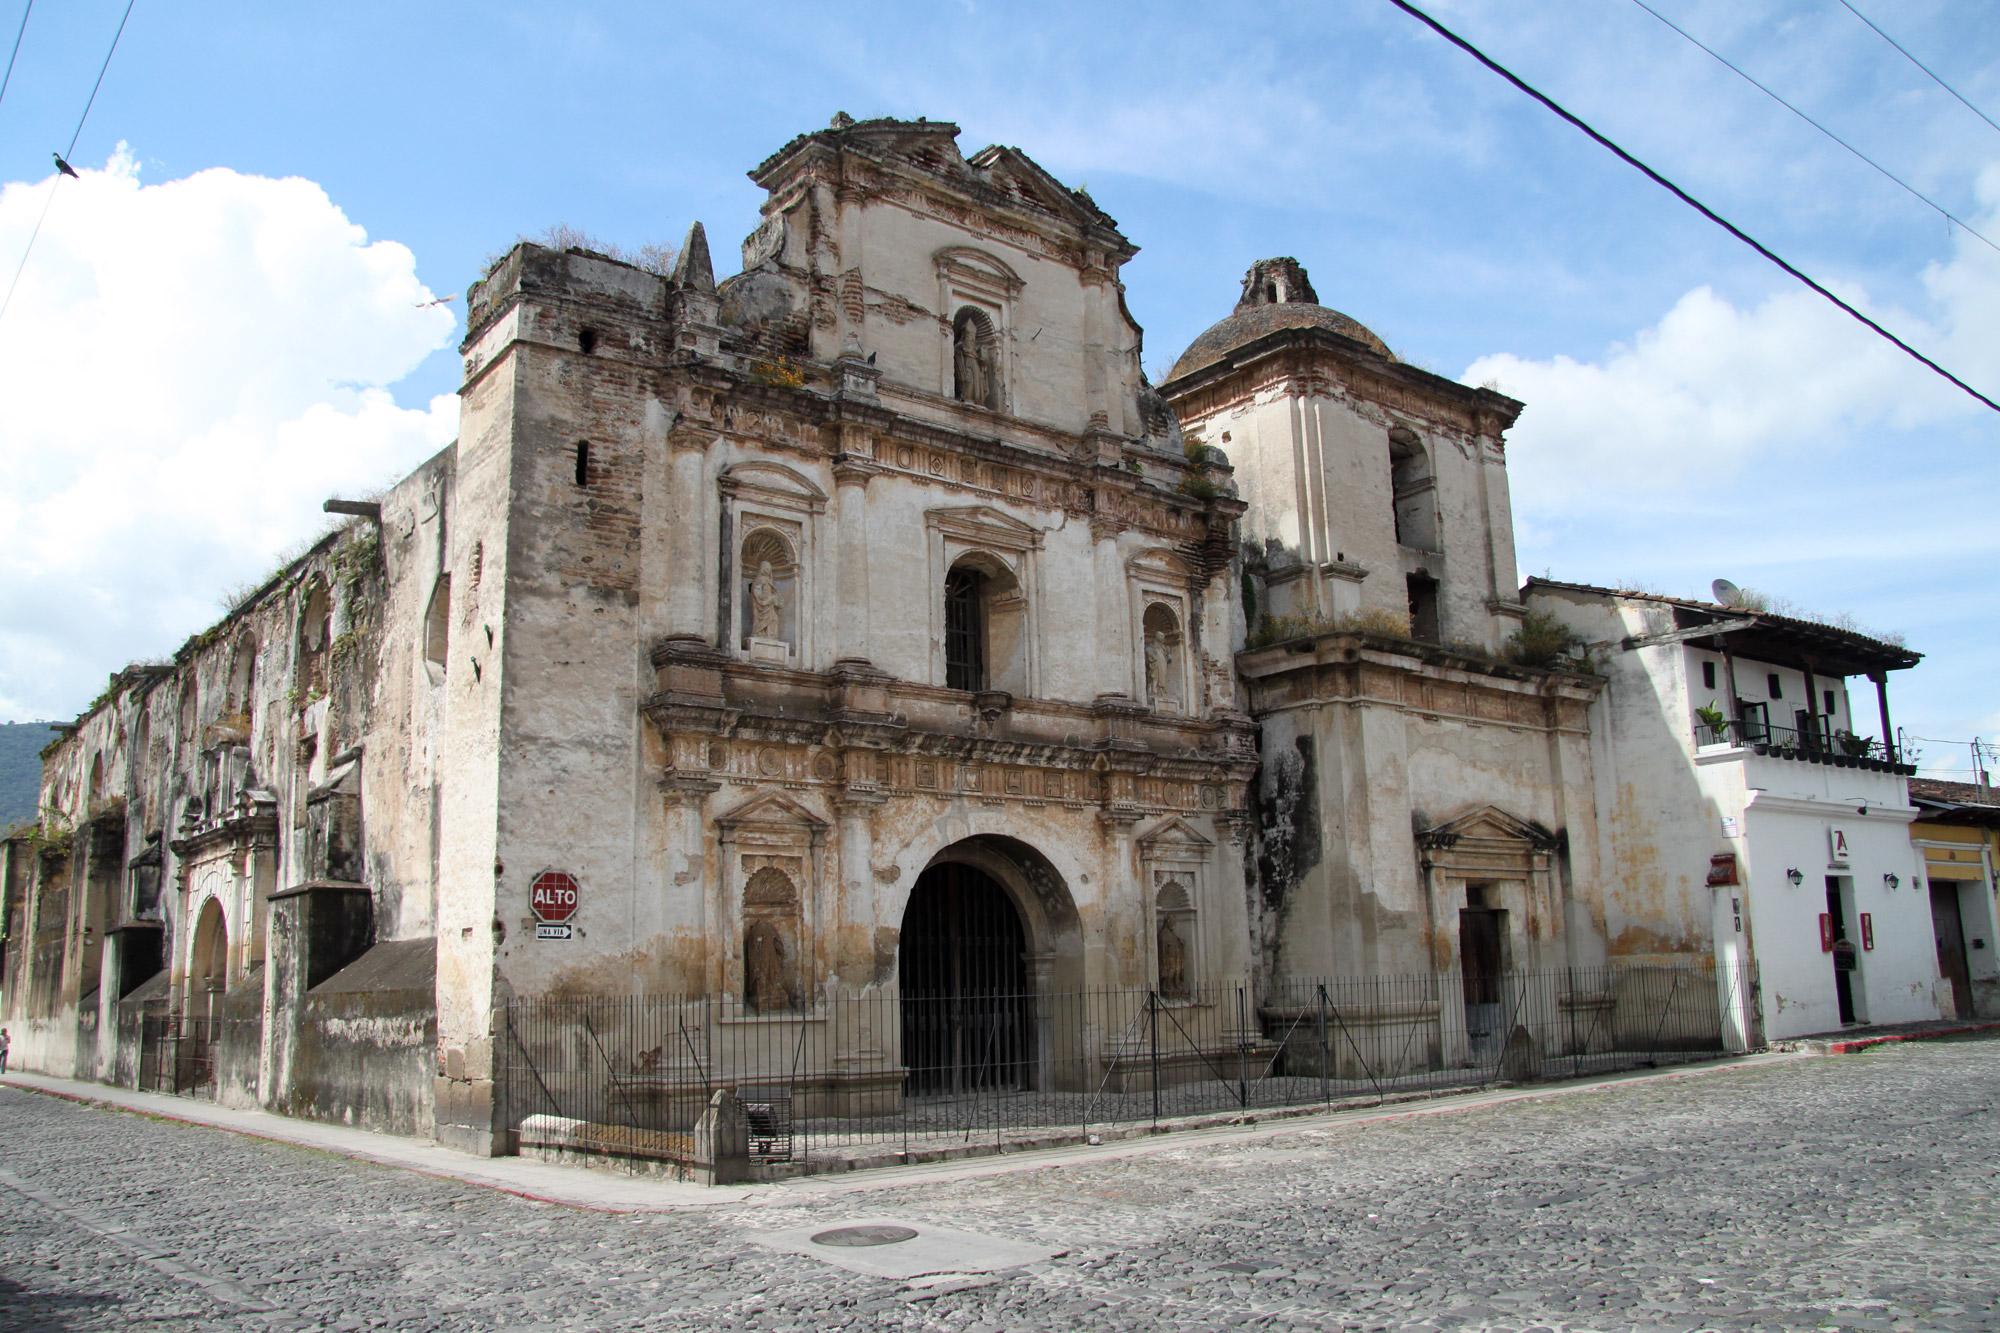 De ruïnes van Antigua - Iglesia y Convento de San Agustin